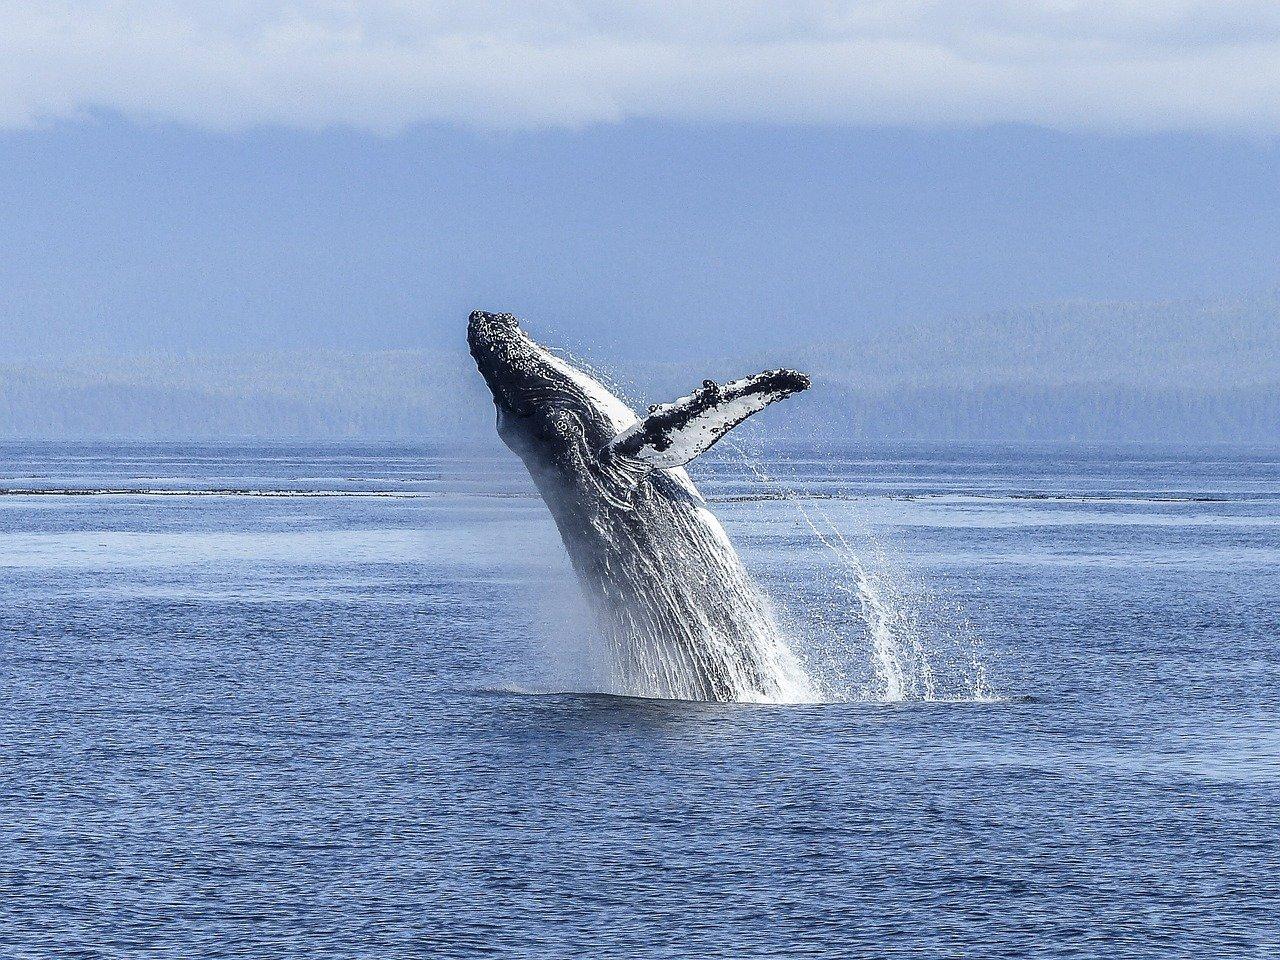 'Выплюнул, естественно': Учёный объяснил, почему дайвер выбрался живым из пасти кита